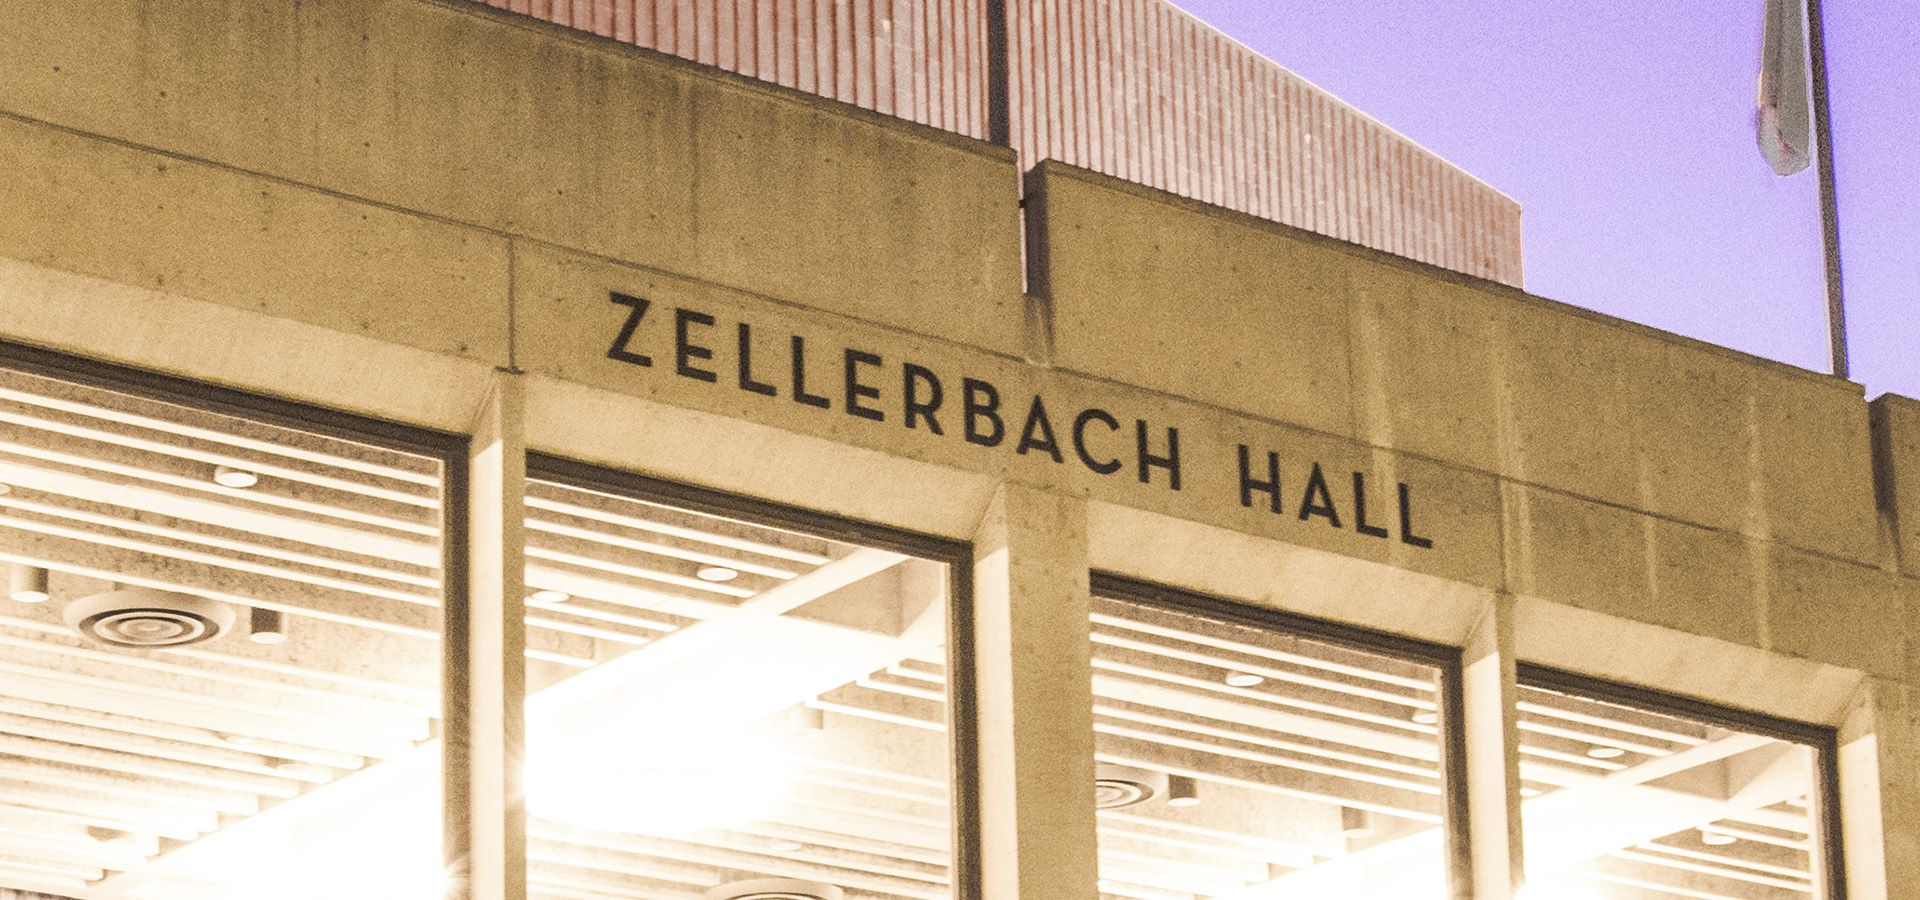 Zellerbach Hall